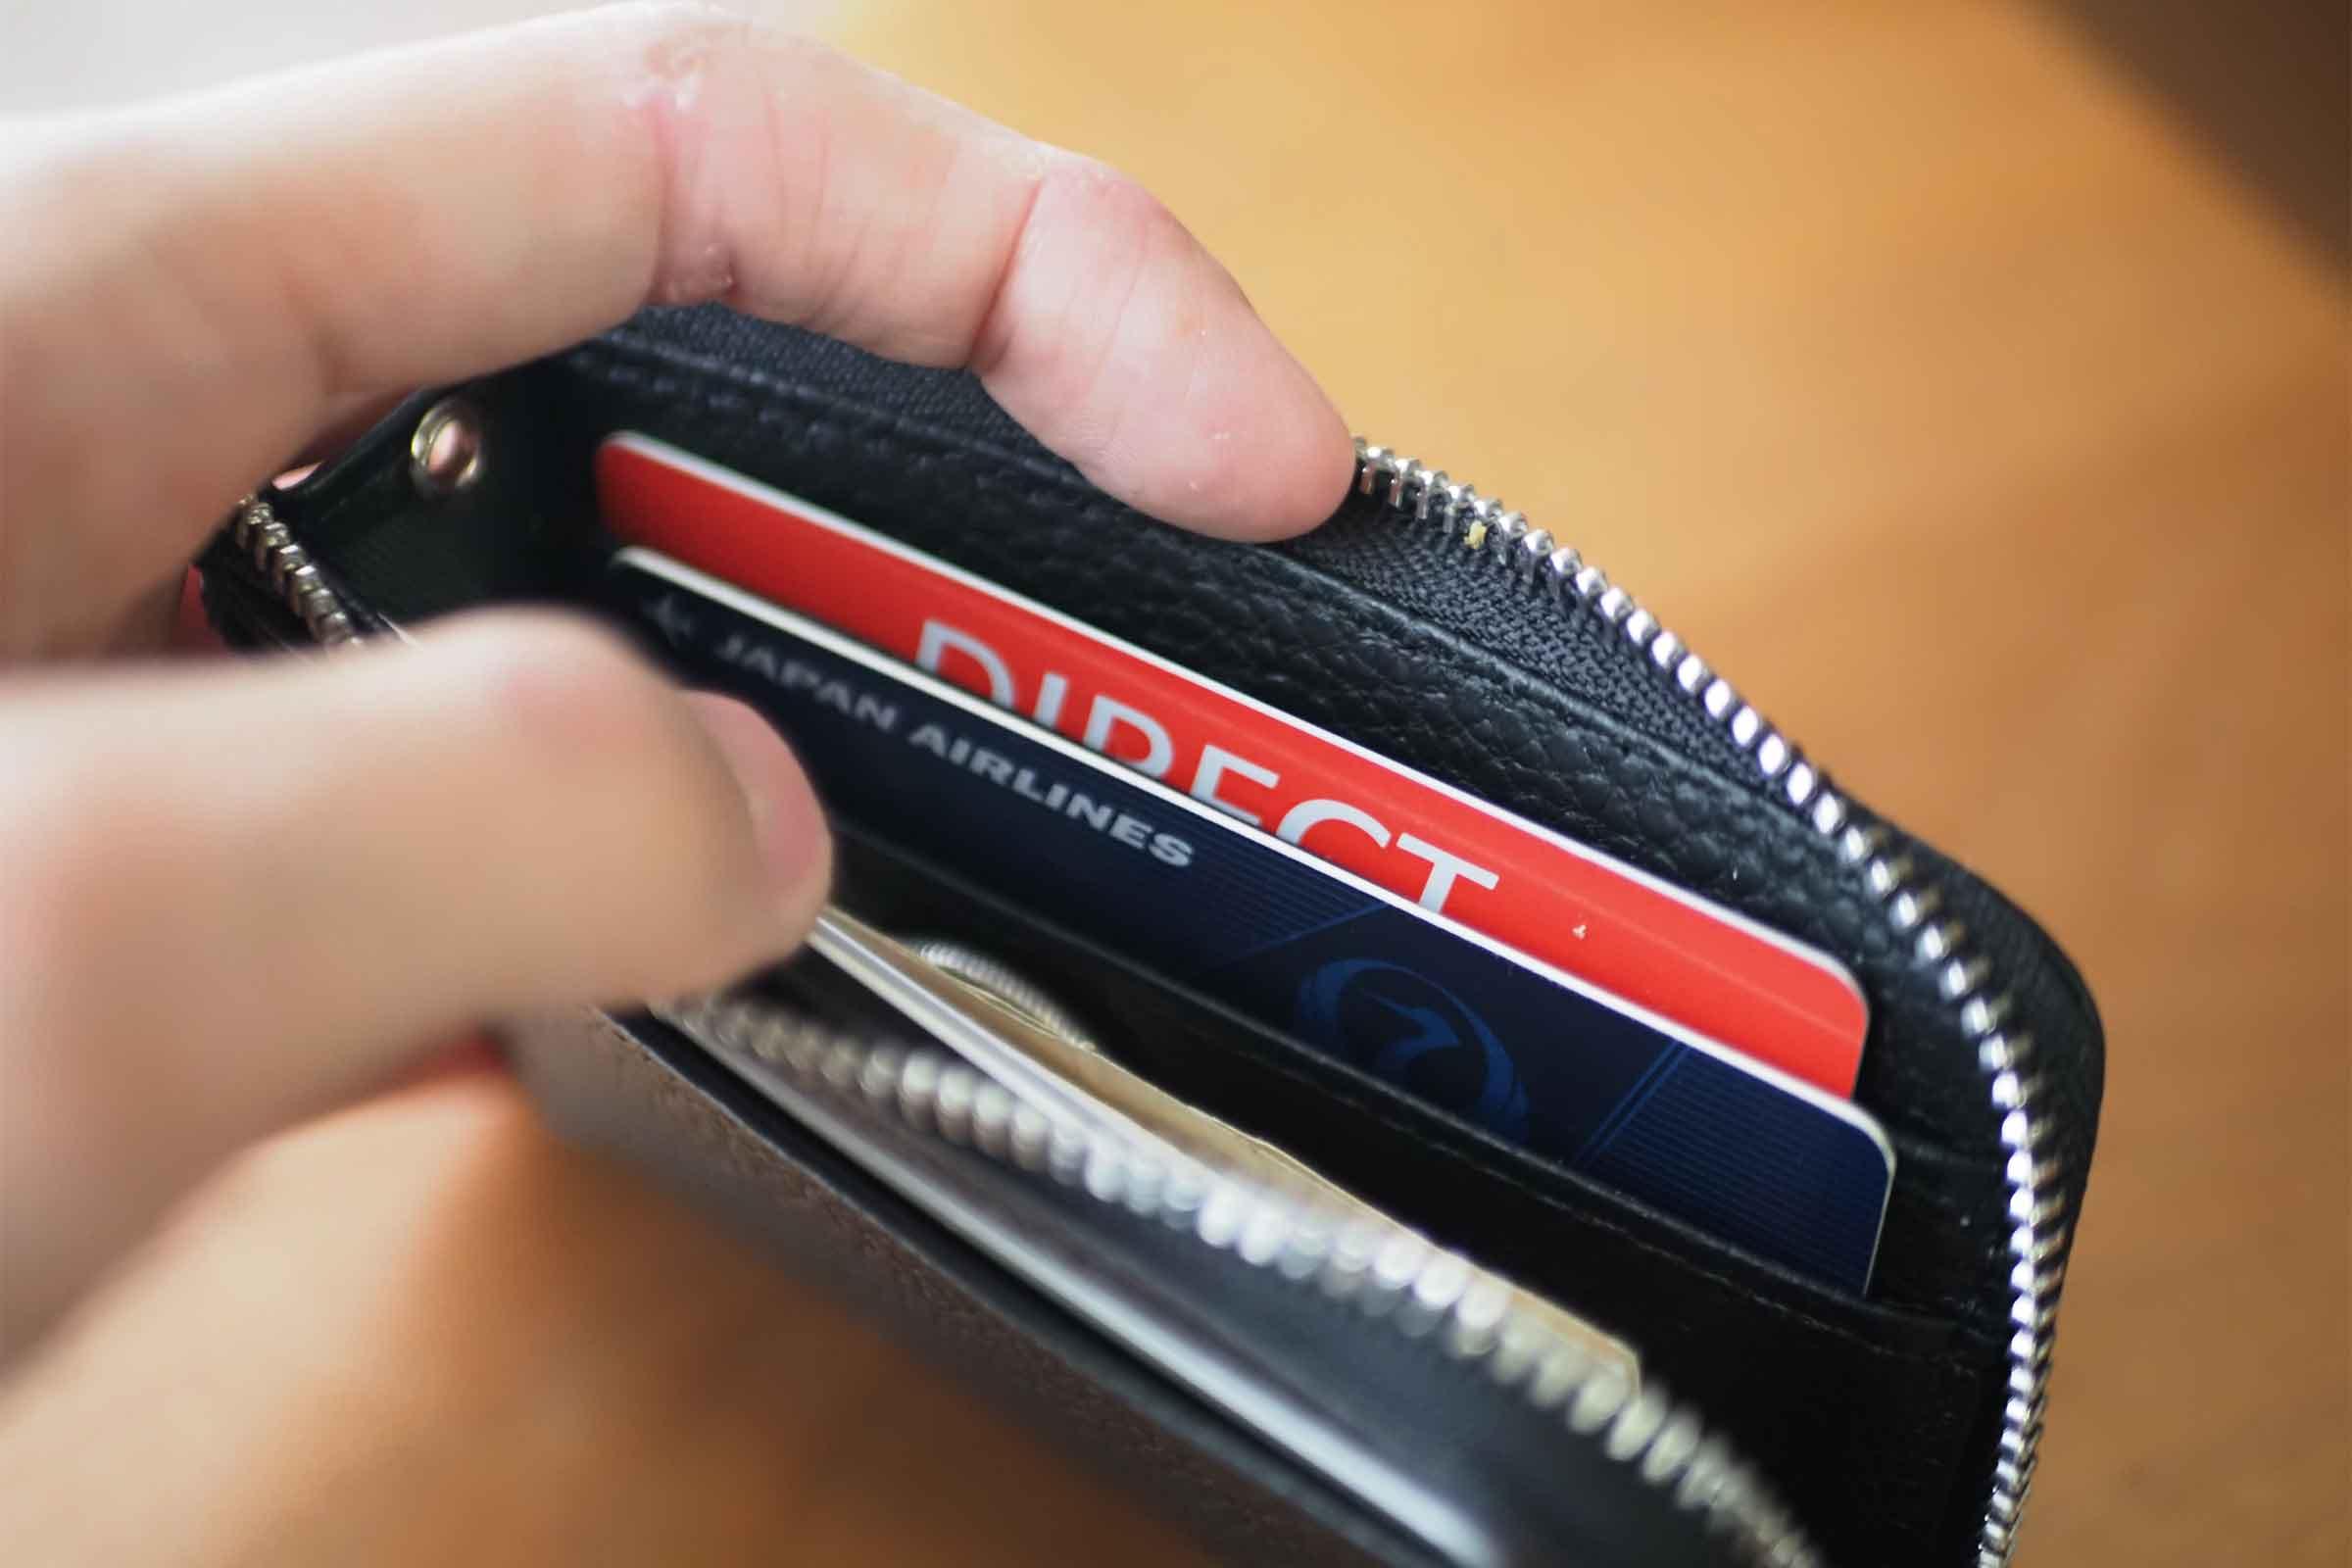 ミニ財布,リスキーモデル,risky,コンパクト,小さい,安い,コスパ,カード入れ